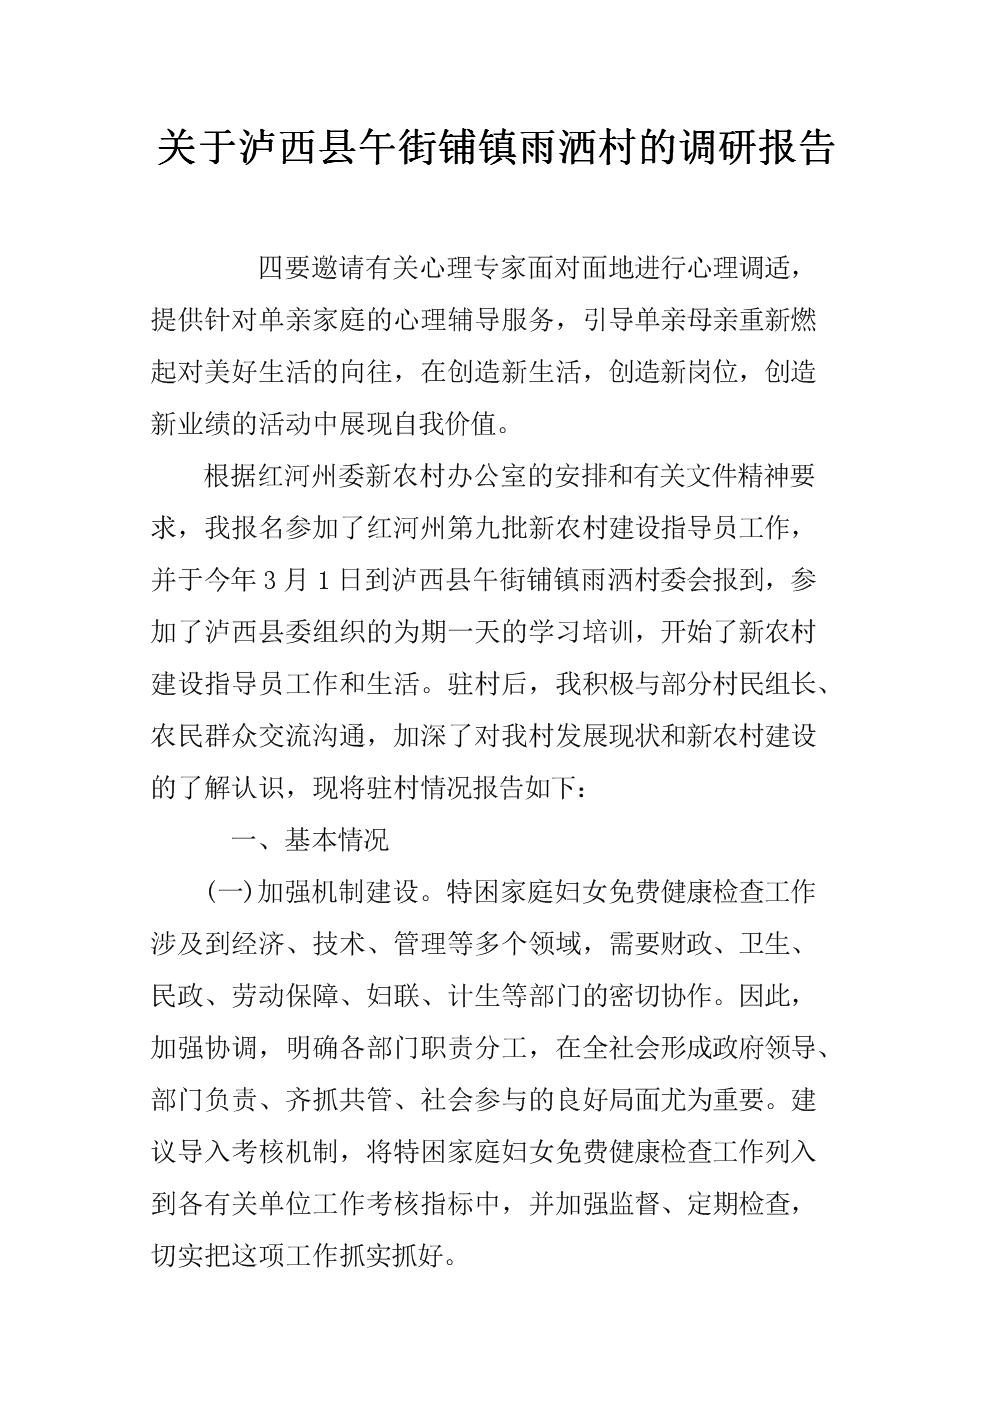 关于泸西县午街铺镇雨洒村调研报告.docx